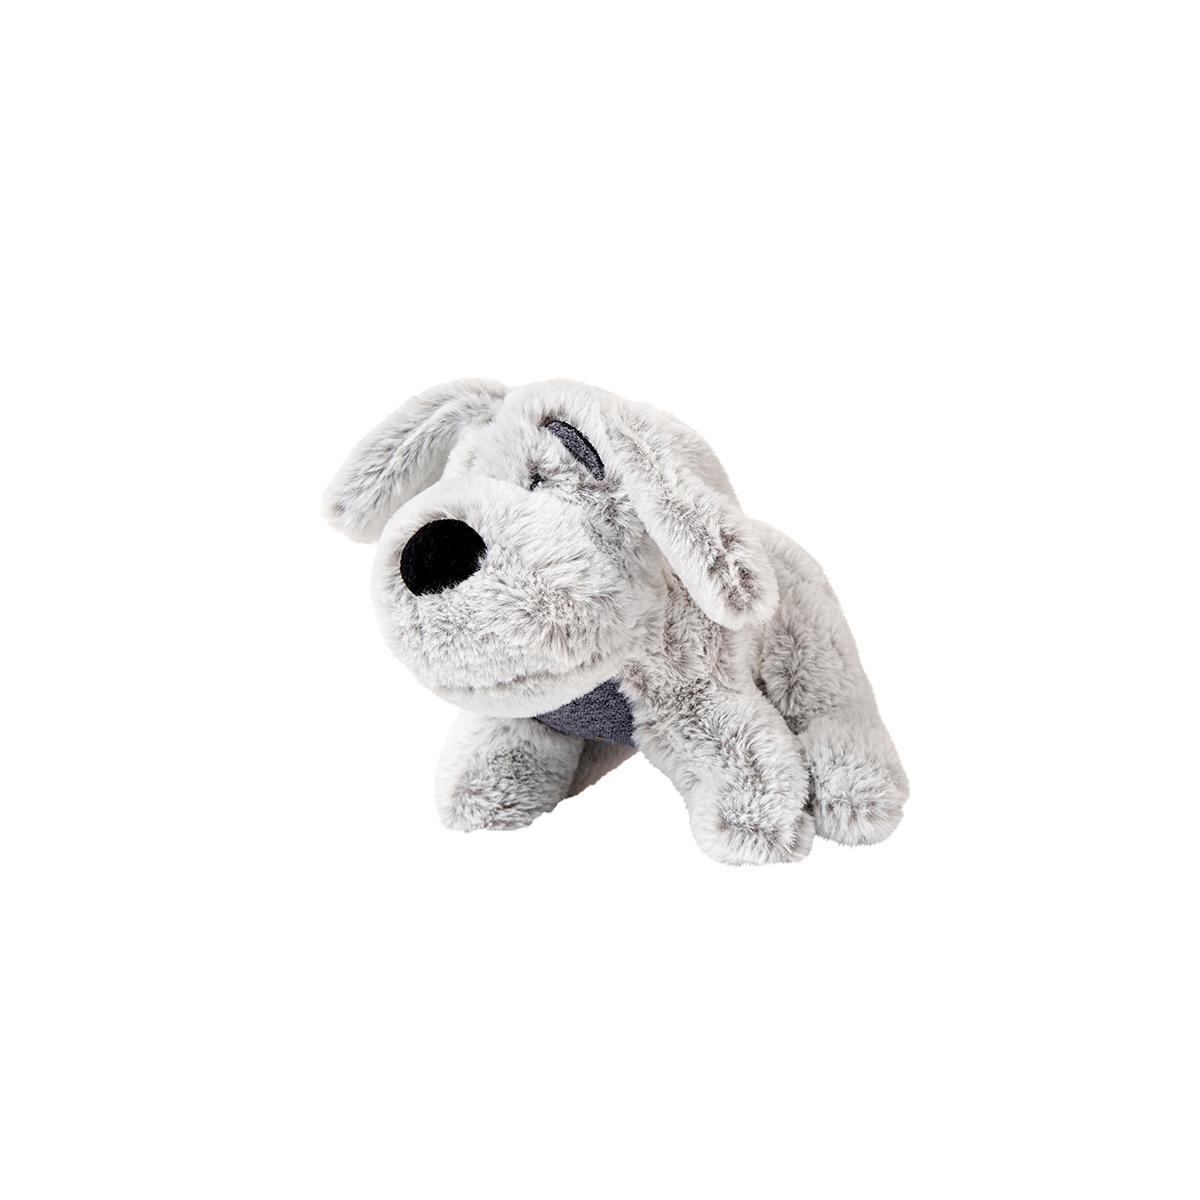 Hundespielzeug: Spielzeug für Hunde günstig online | ZooRoyal